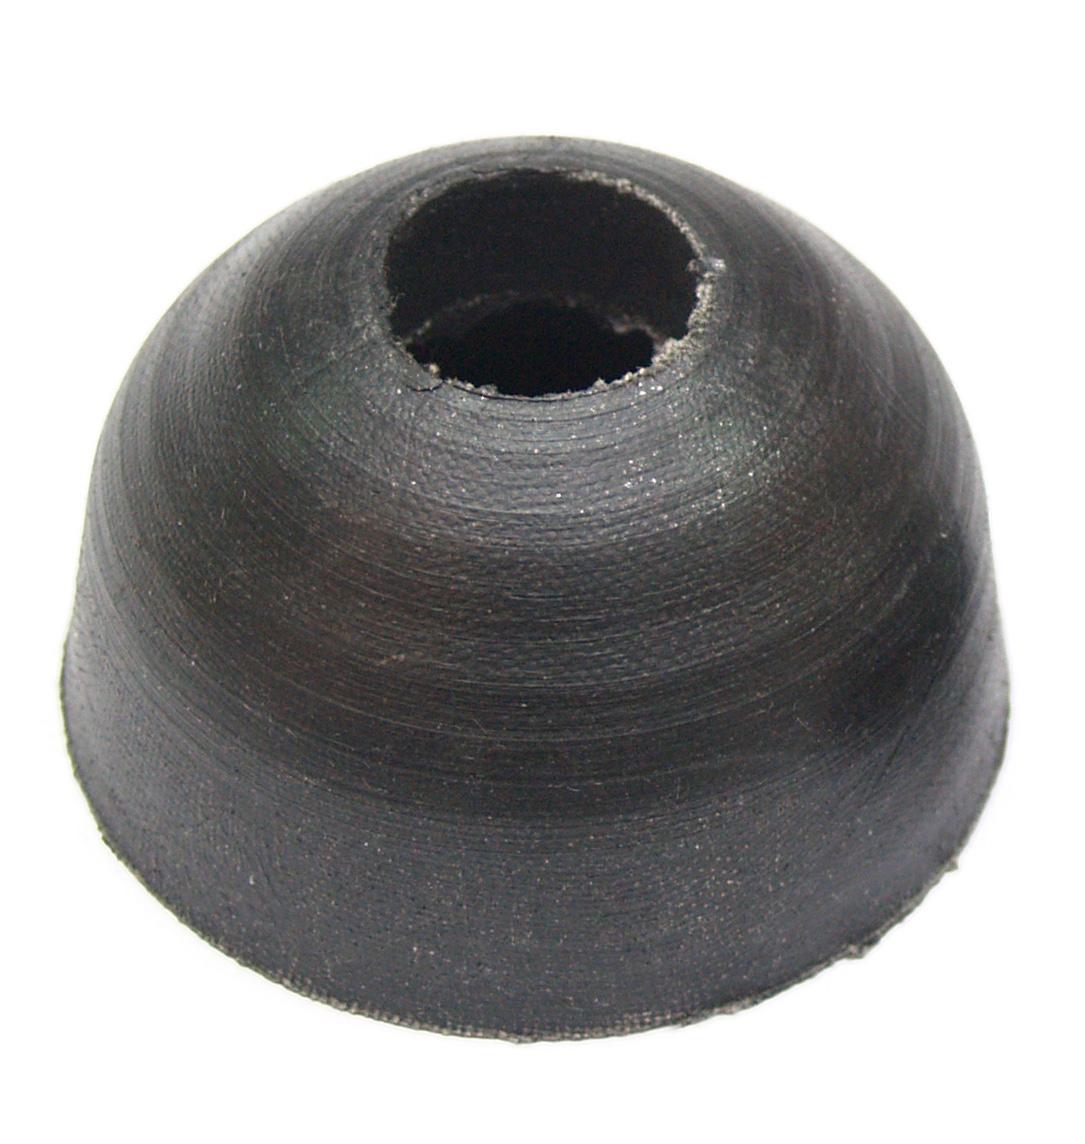 Резинотканевая чашка поршня насоса TCD L06 буровых установок Boomer